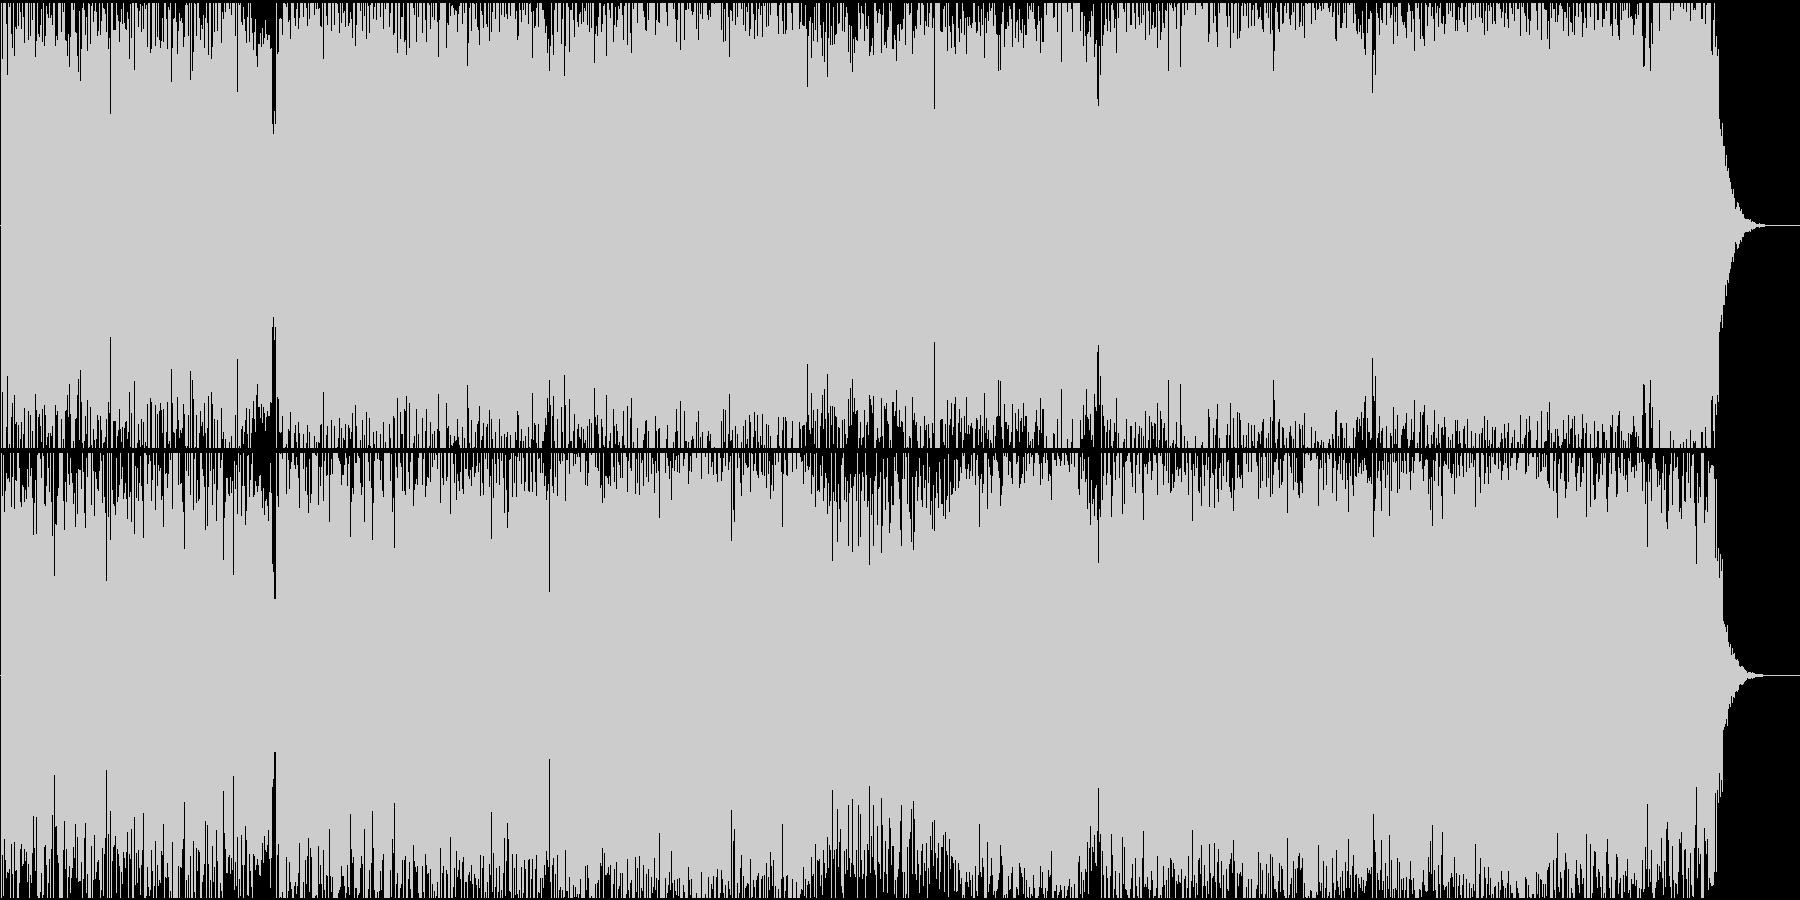 ミニマル風のアンビエント曲 ナレーションの未再生の波形